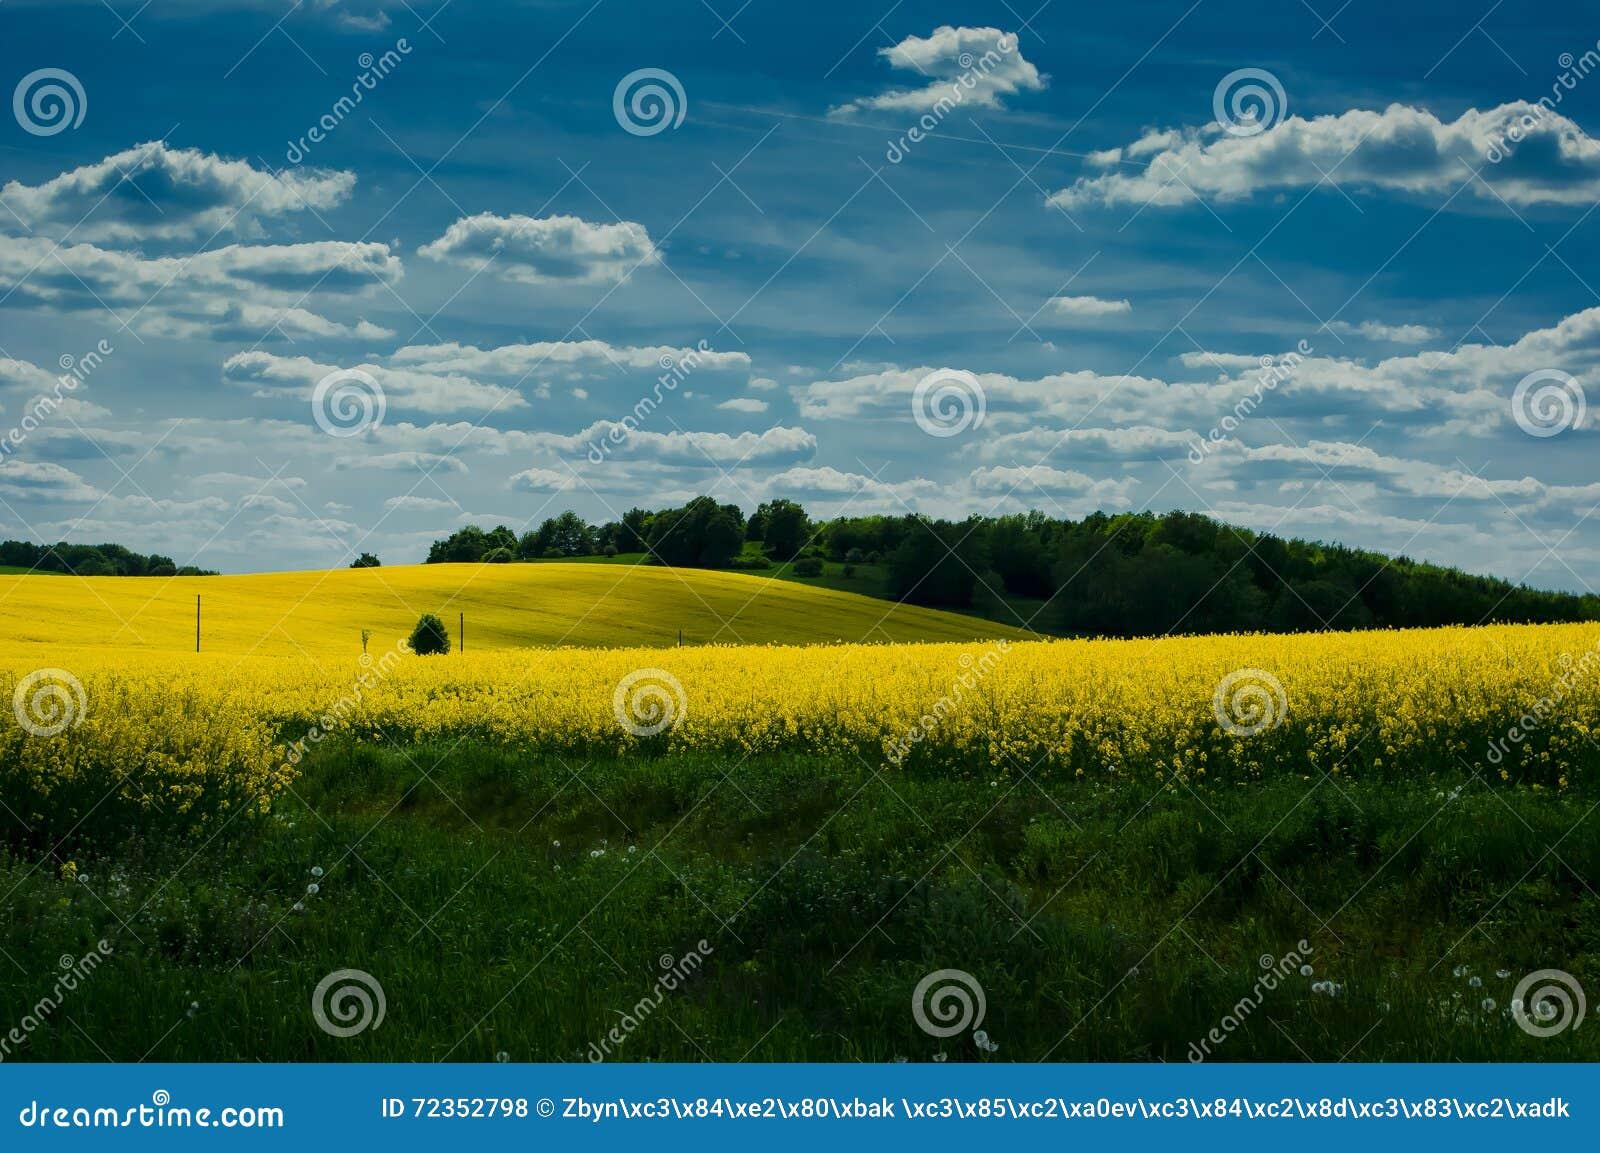 与油菜籽领域的风景